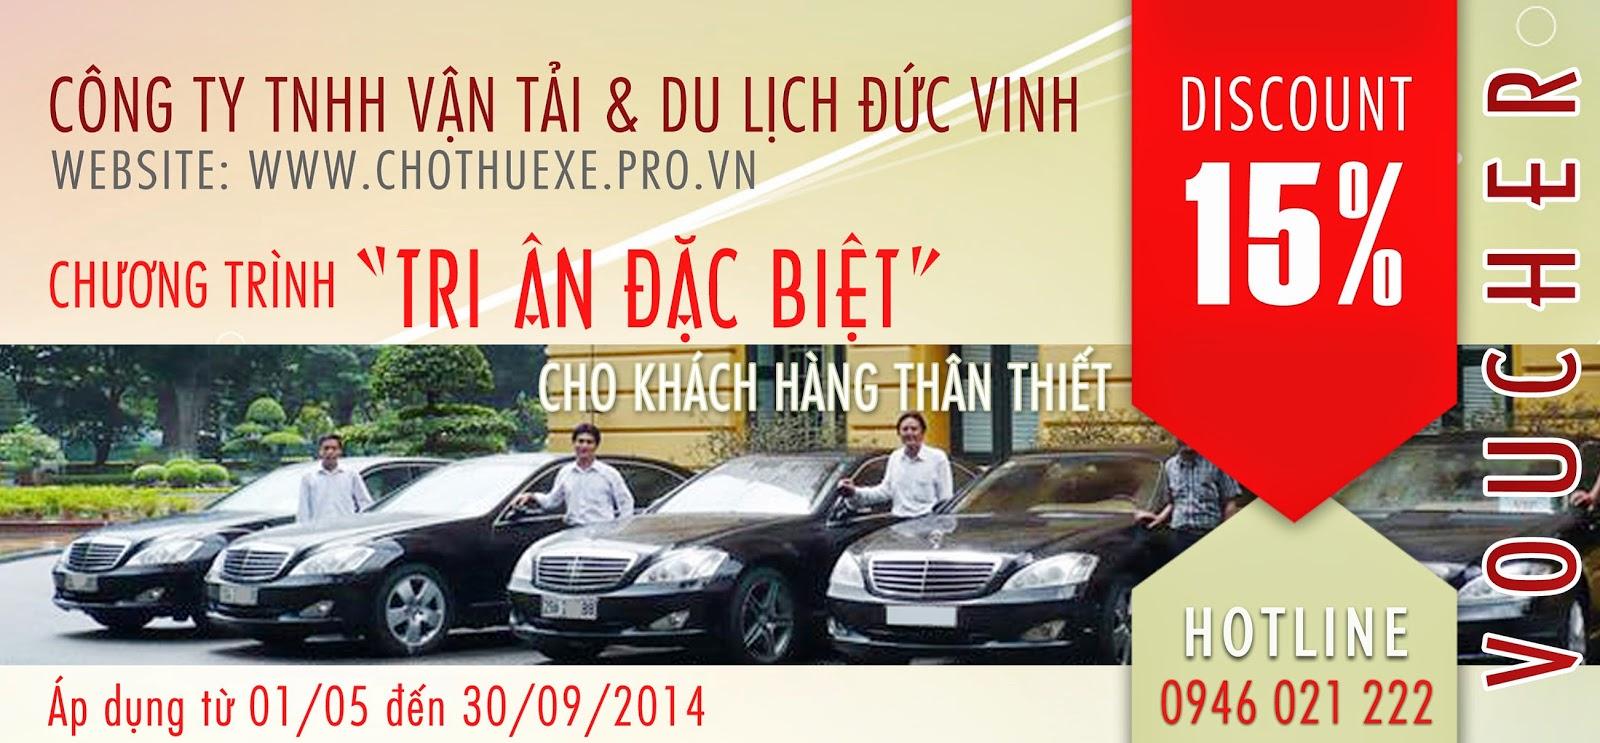 Khuyến mãi cho thuê xe 4 chỗ Discount 15% tại Hà Nội